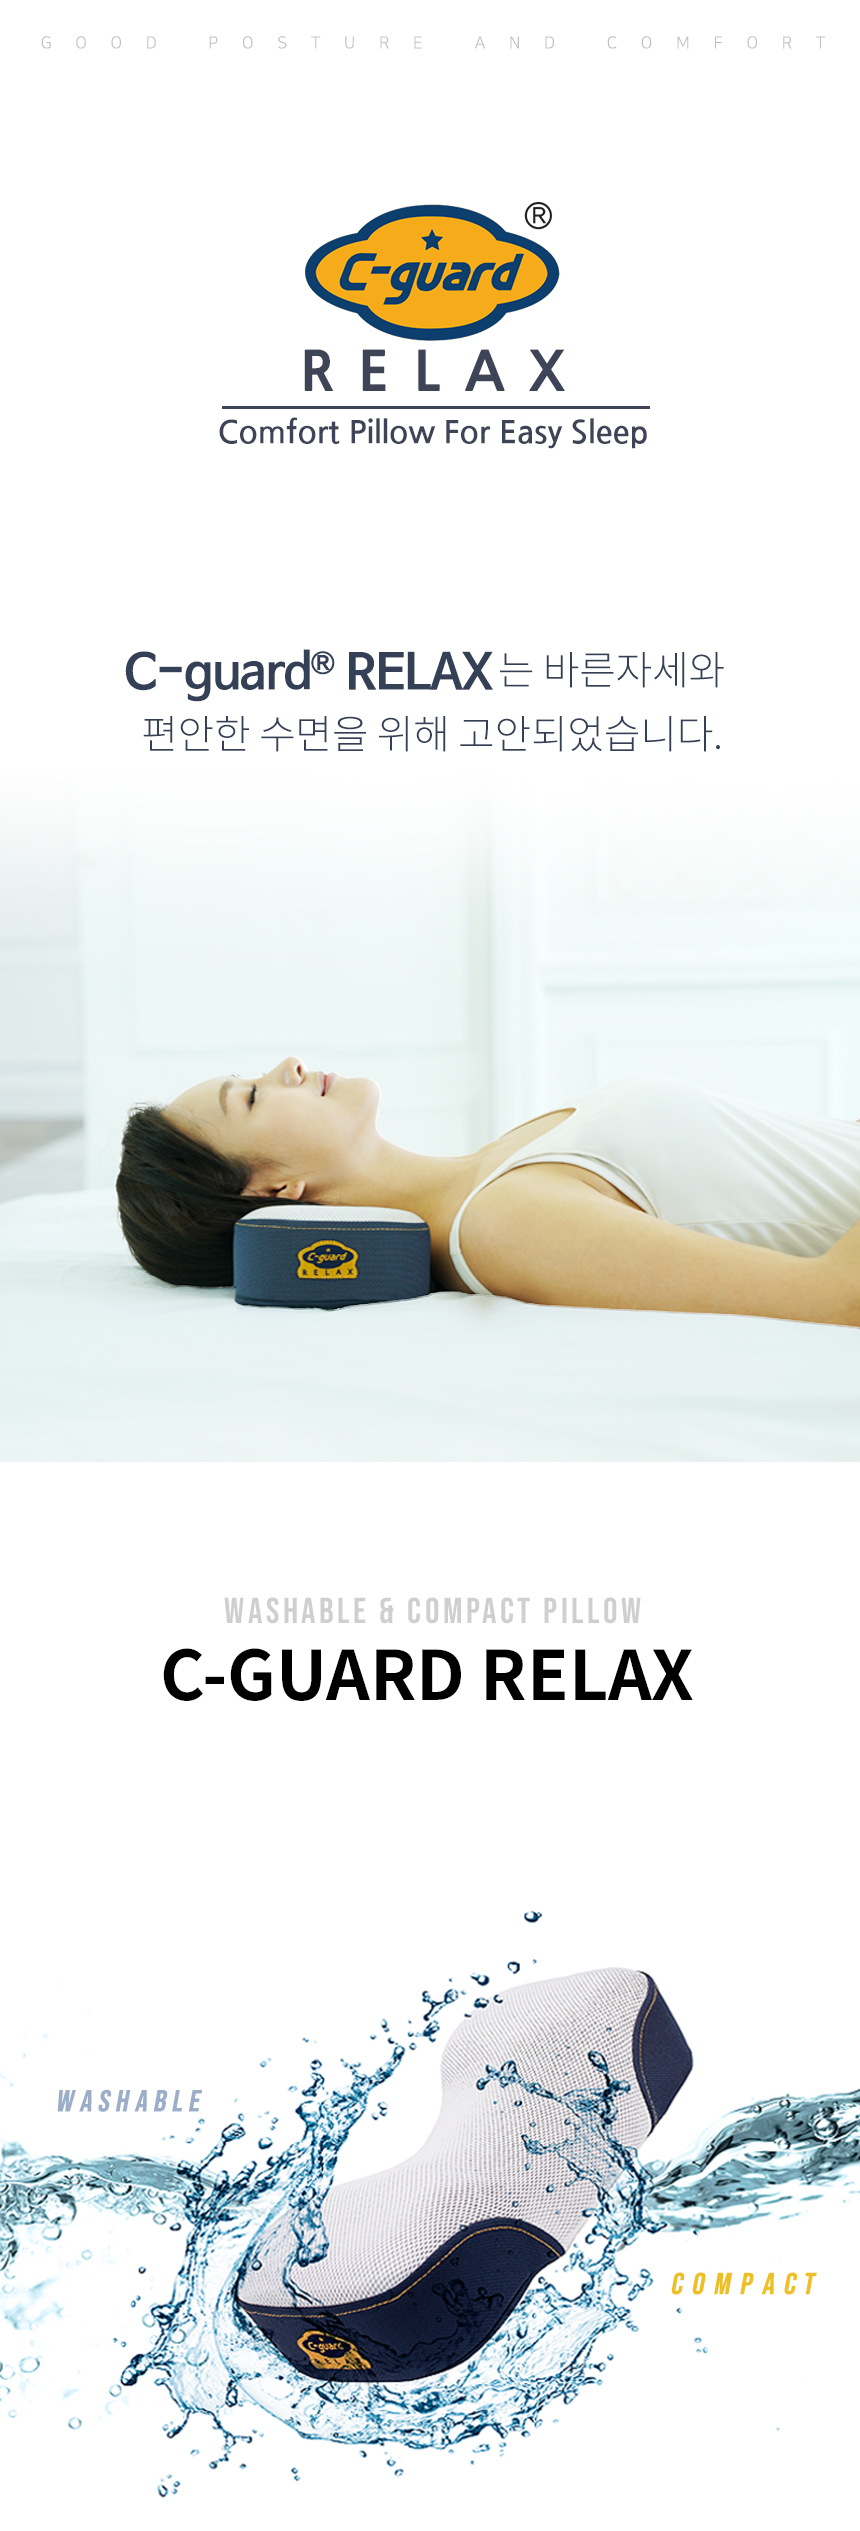 relax_detail_001.jpg